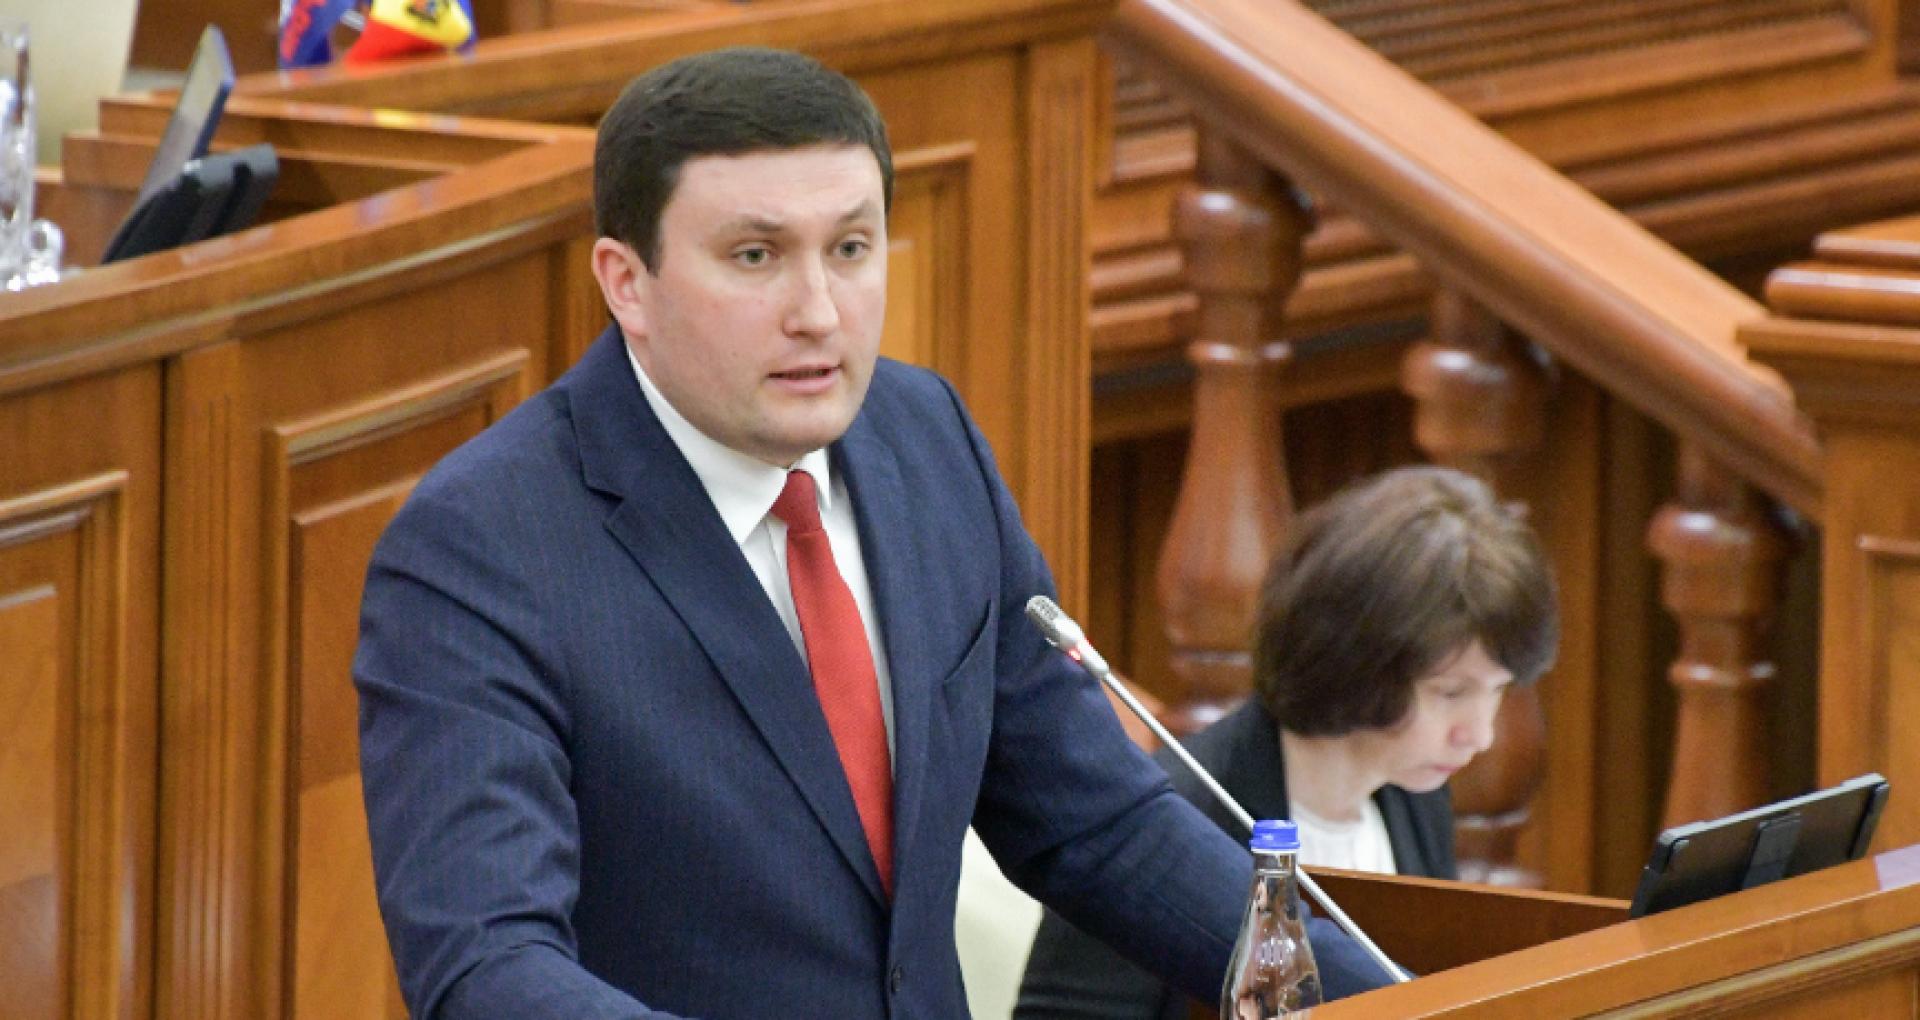 Deputatul socialist Vladimir Odnostalco, verificat de ANI și nesancționat pentru nedeclararea împrumutului de 450 de mii de lei luat de la firma lui Furculiță. Explicațiile ANI